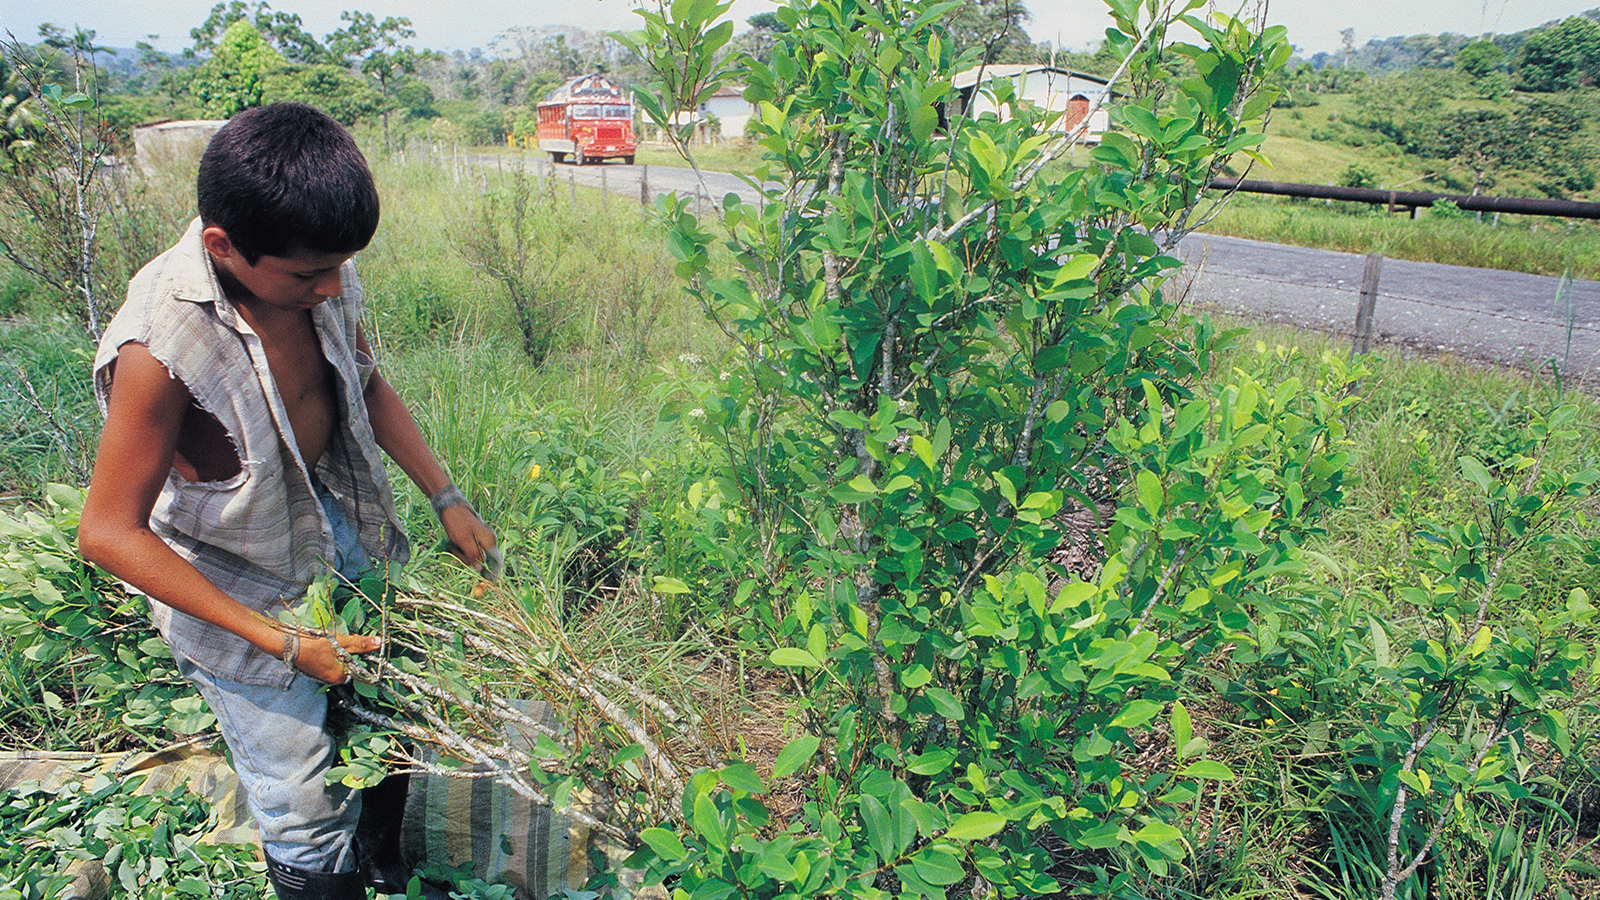 Líderes rurales se manifiestan en contra de la erradicación forzada